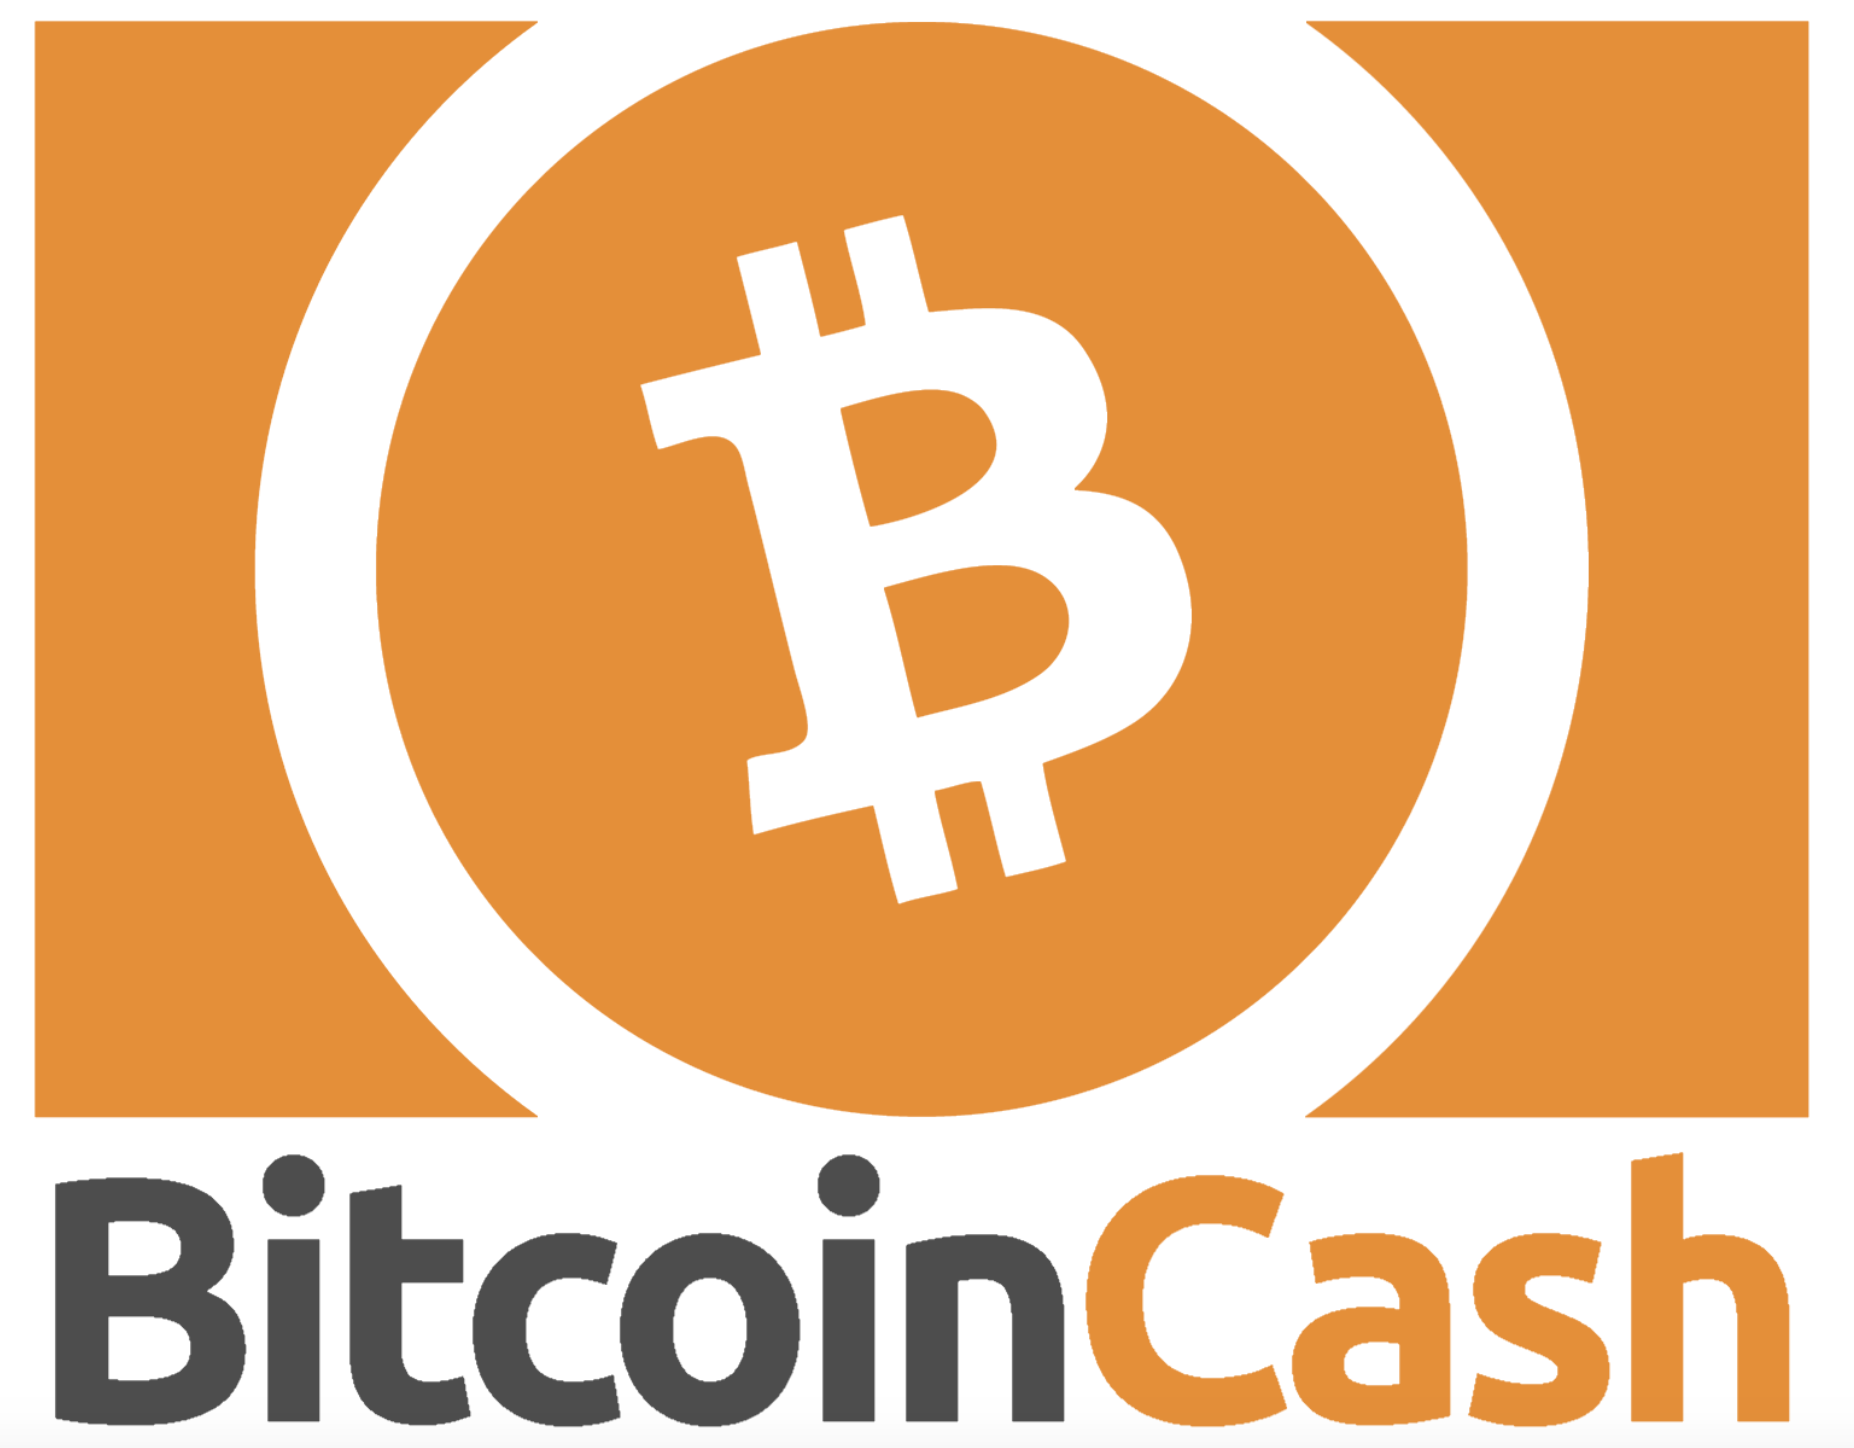 仮想通貨ビットコインキャッシュ(BCH)のロゴ